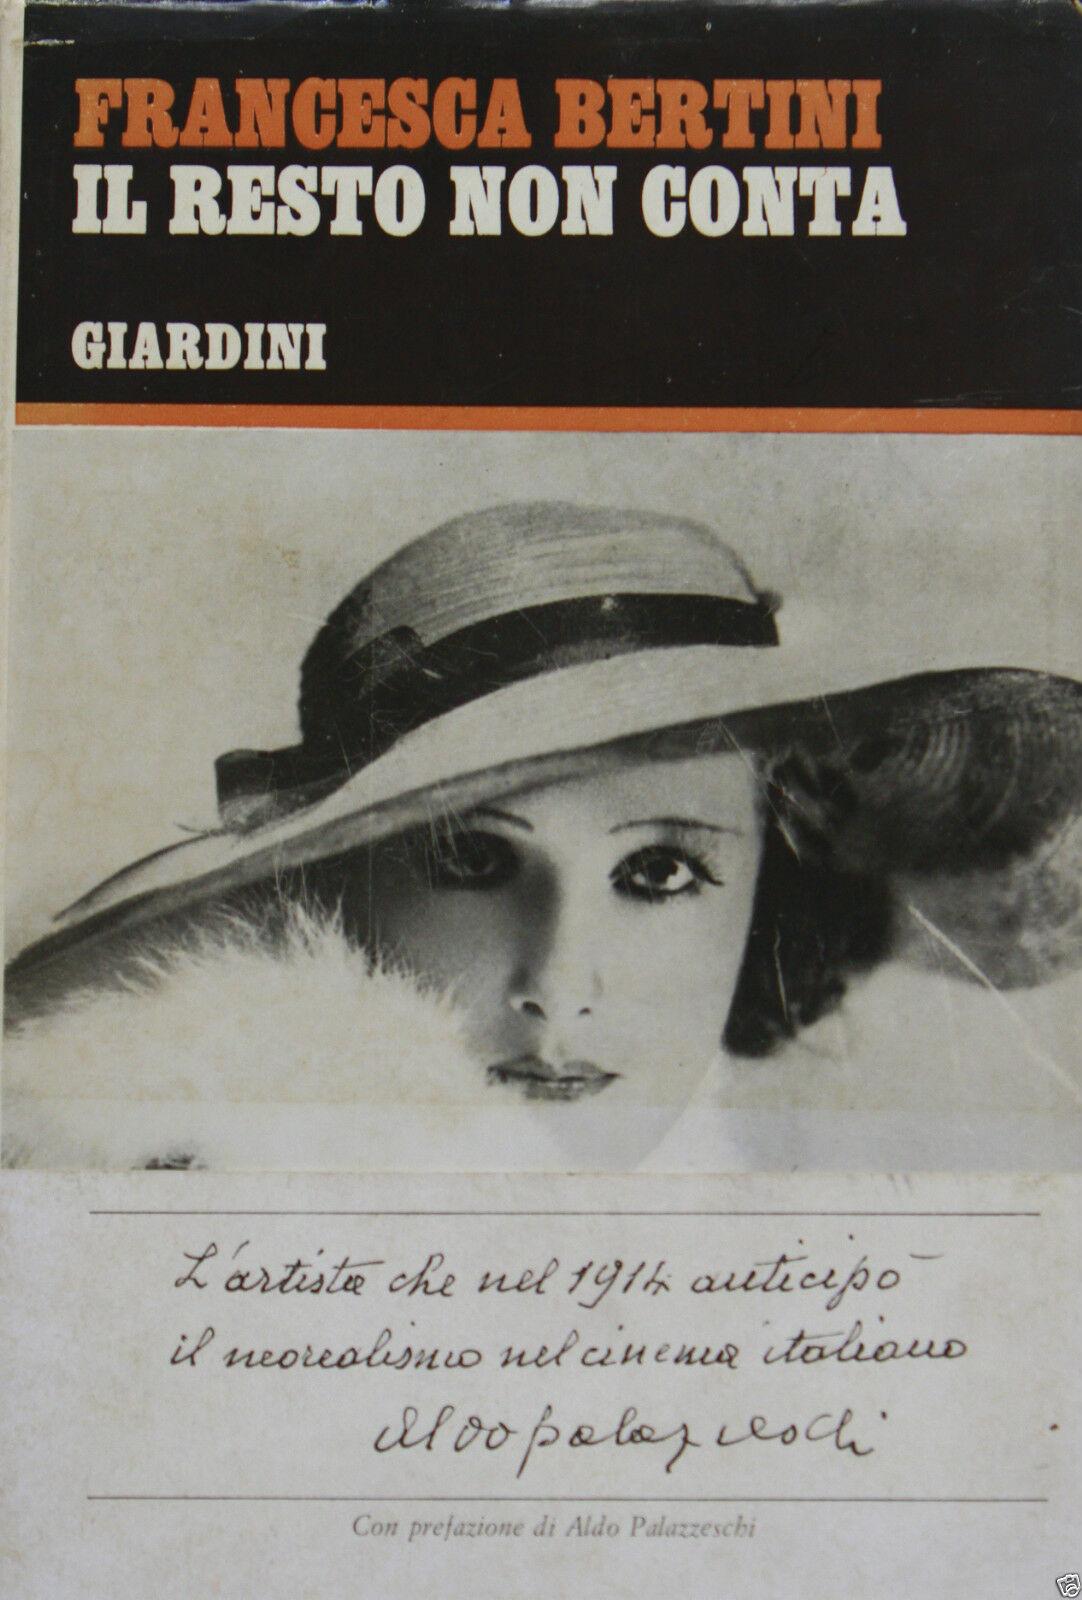 Fig. 6 Copertina del libro di Francesca Bertini, Il resto non conta, Pisa, Giardini, 1969